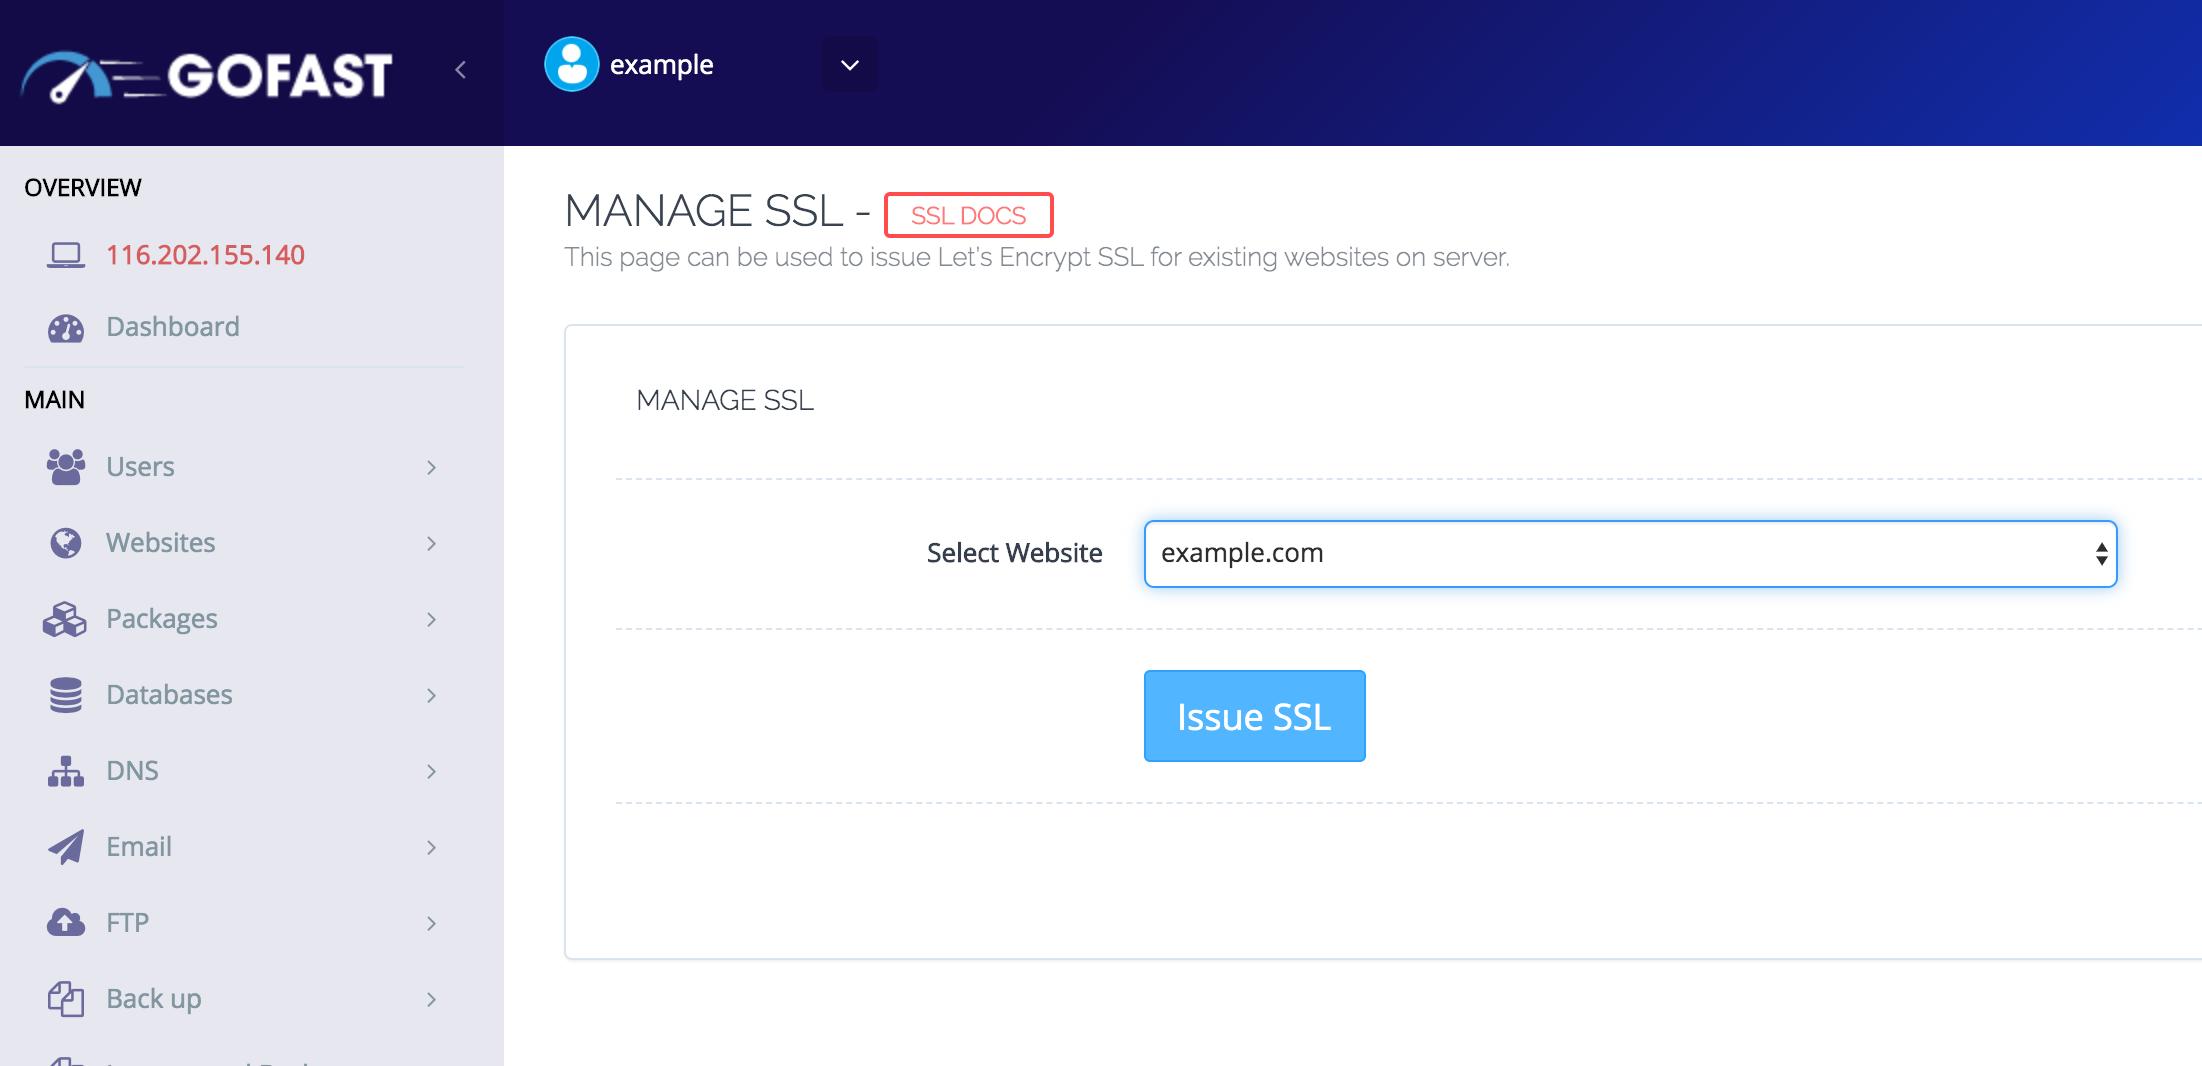 Issue SSL